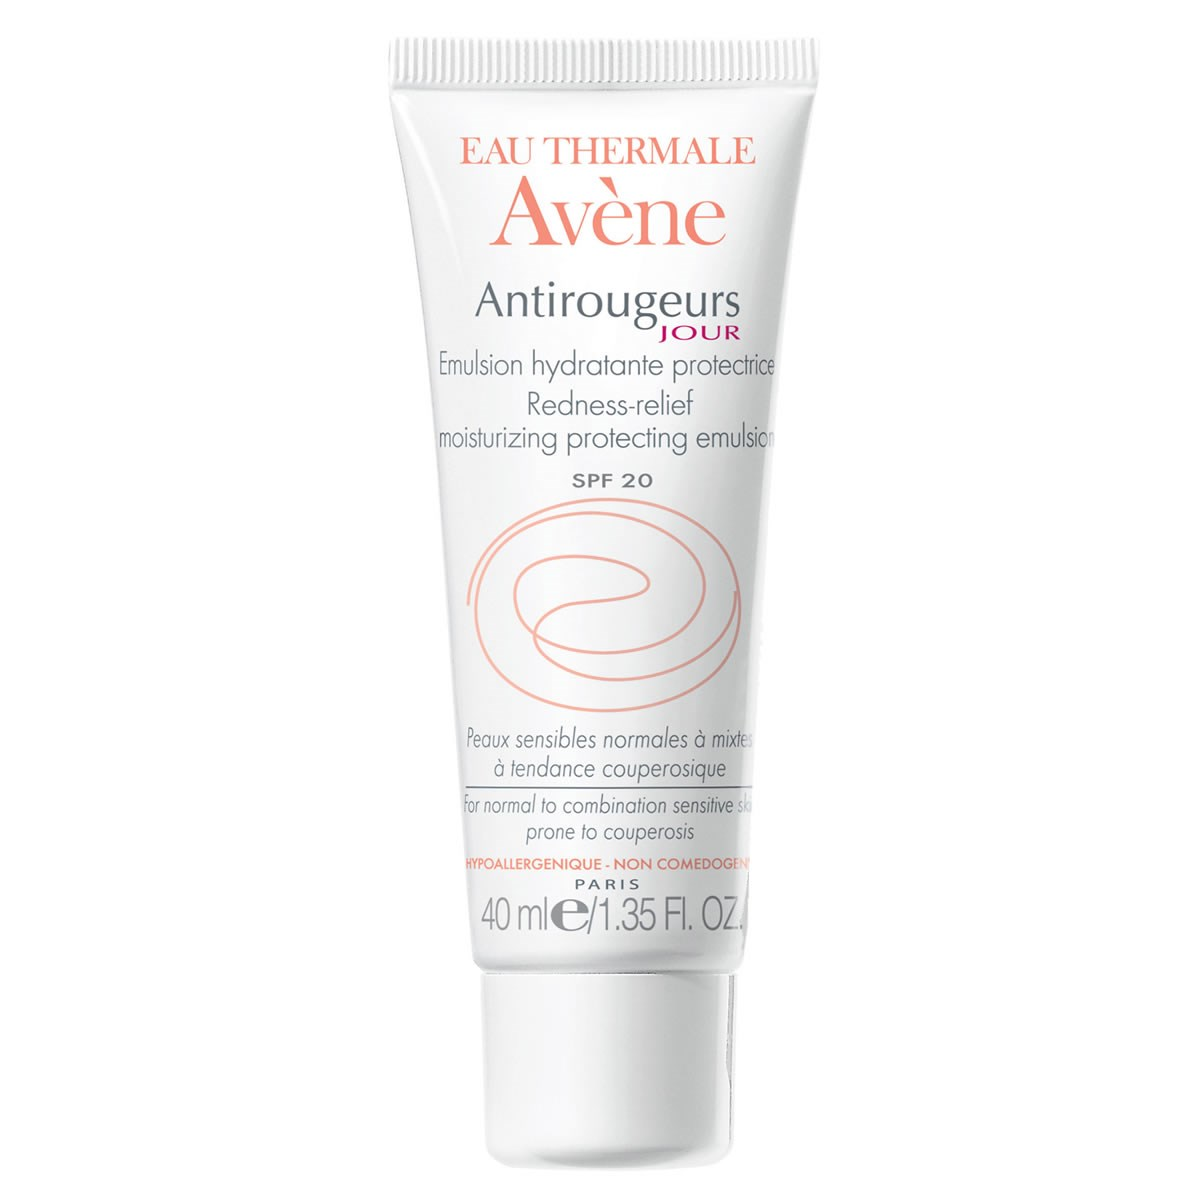 Avene Antirougeurs Jour Emulsion SPF 20 - Normal to Combination Skin